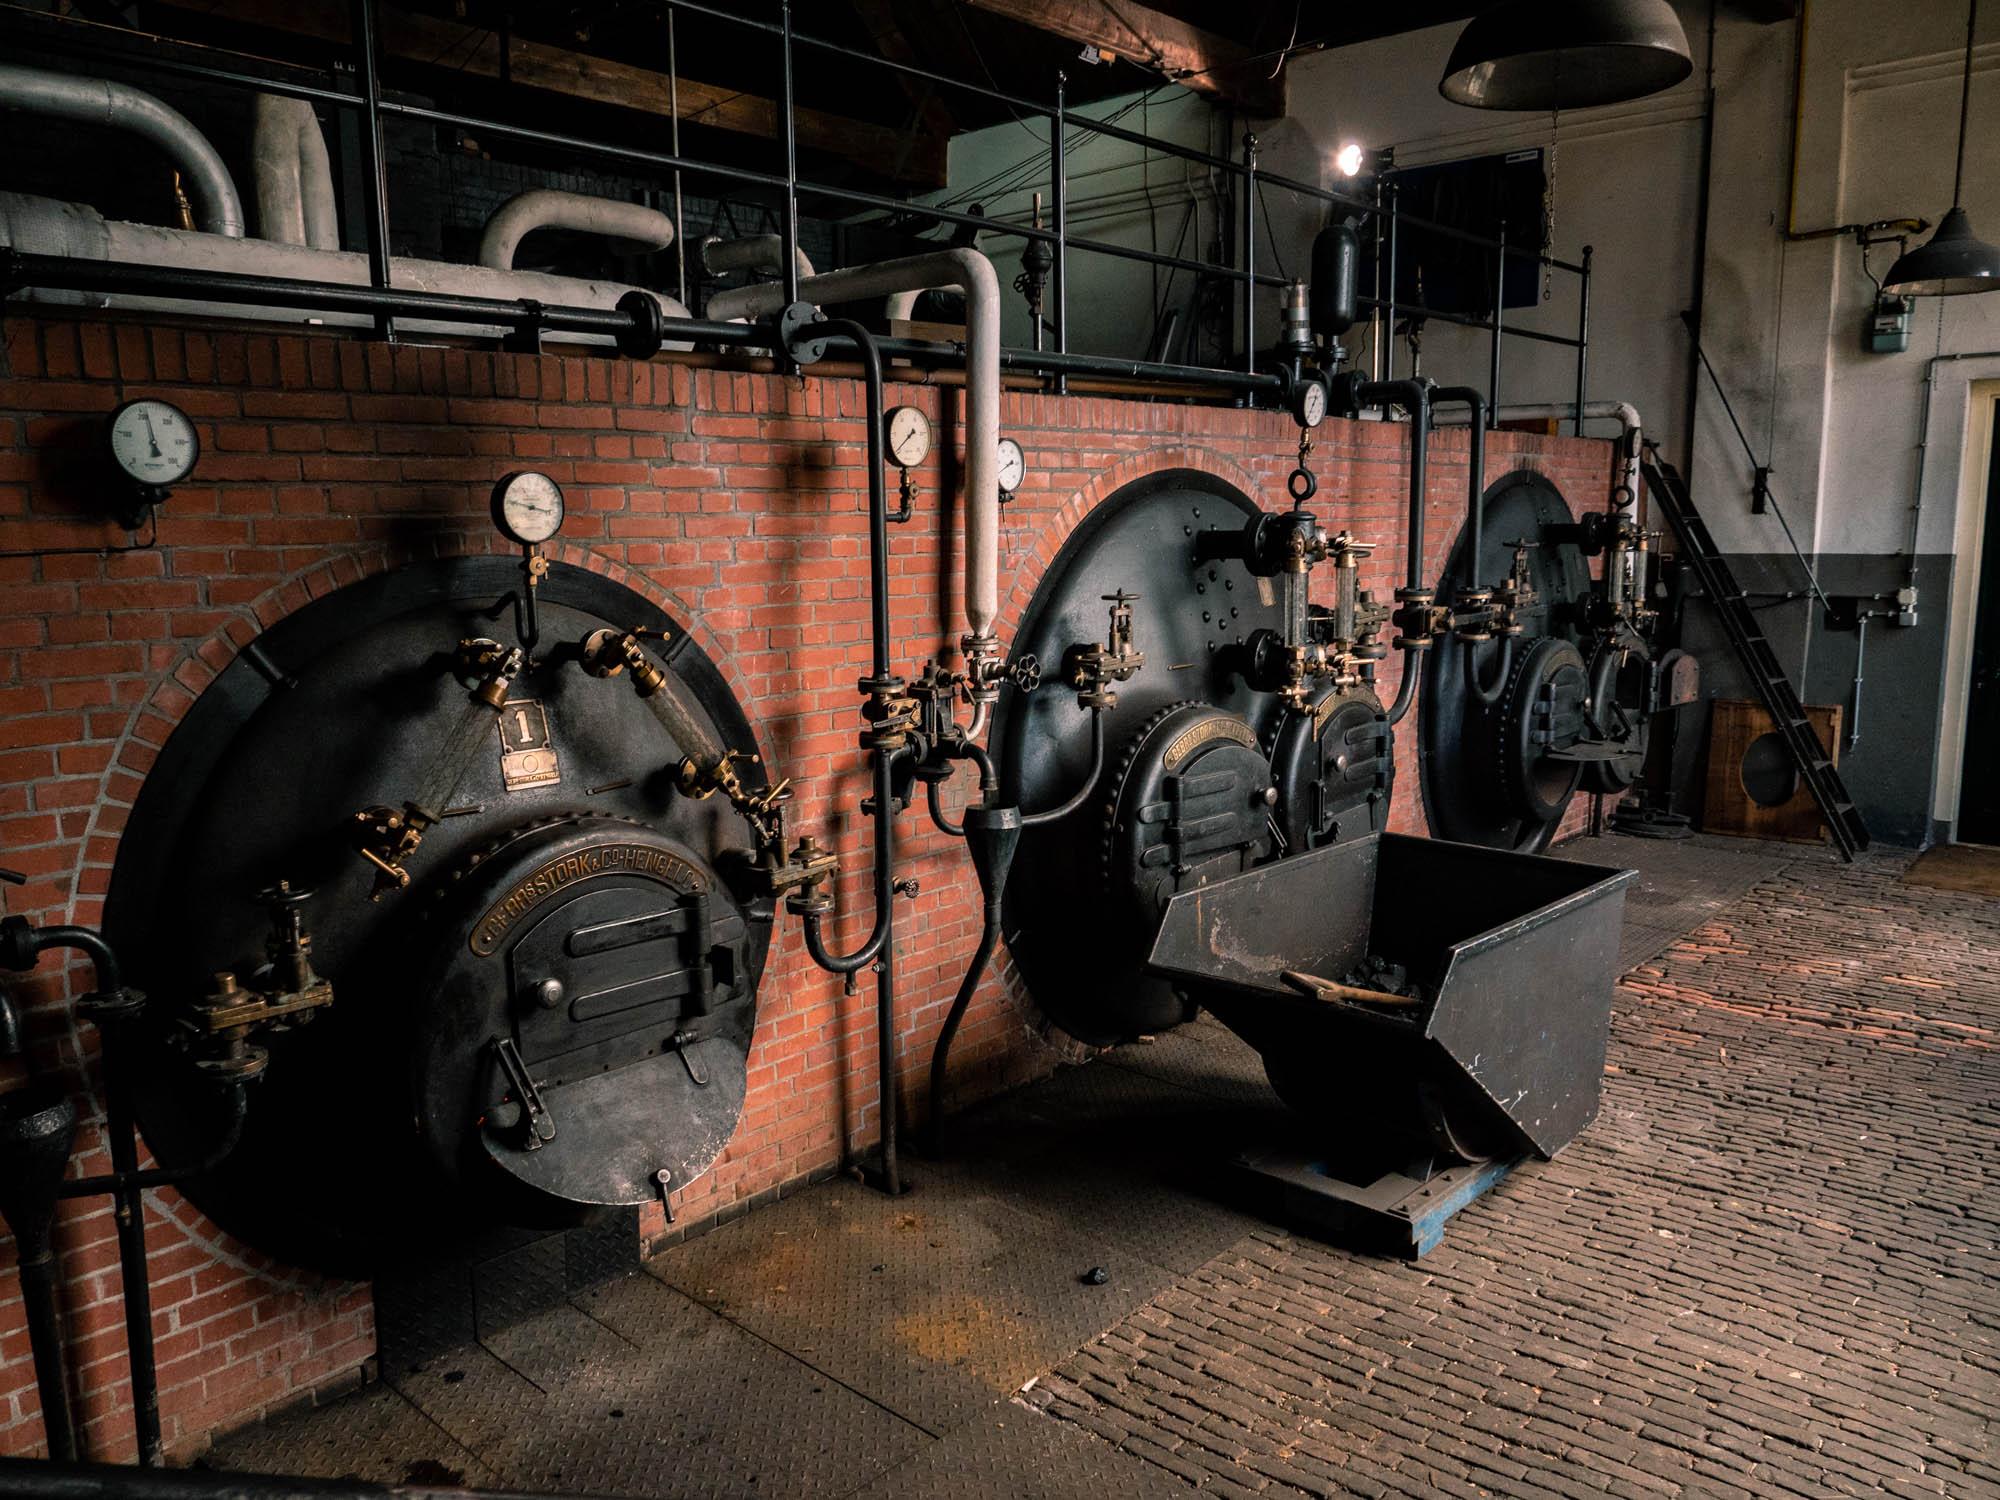 De ketels in de stookruimte van Stoomgemaal De Tuut